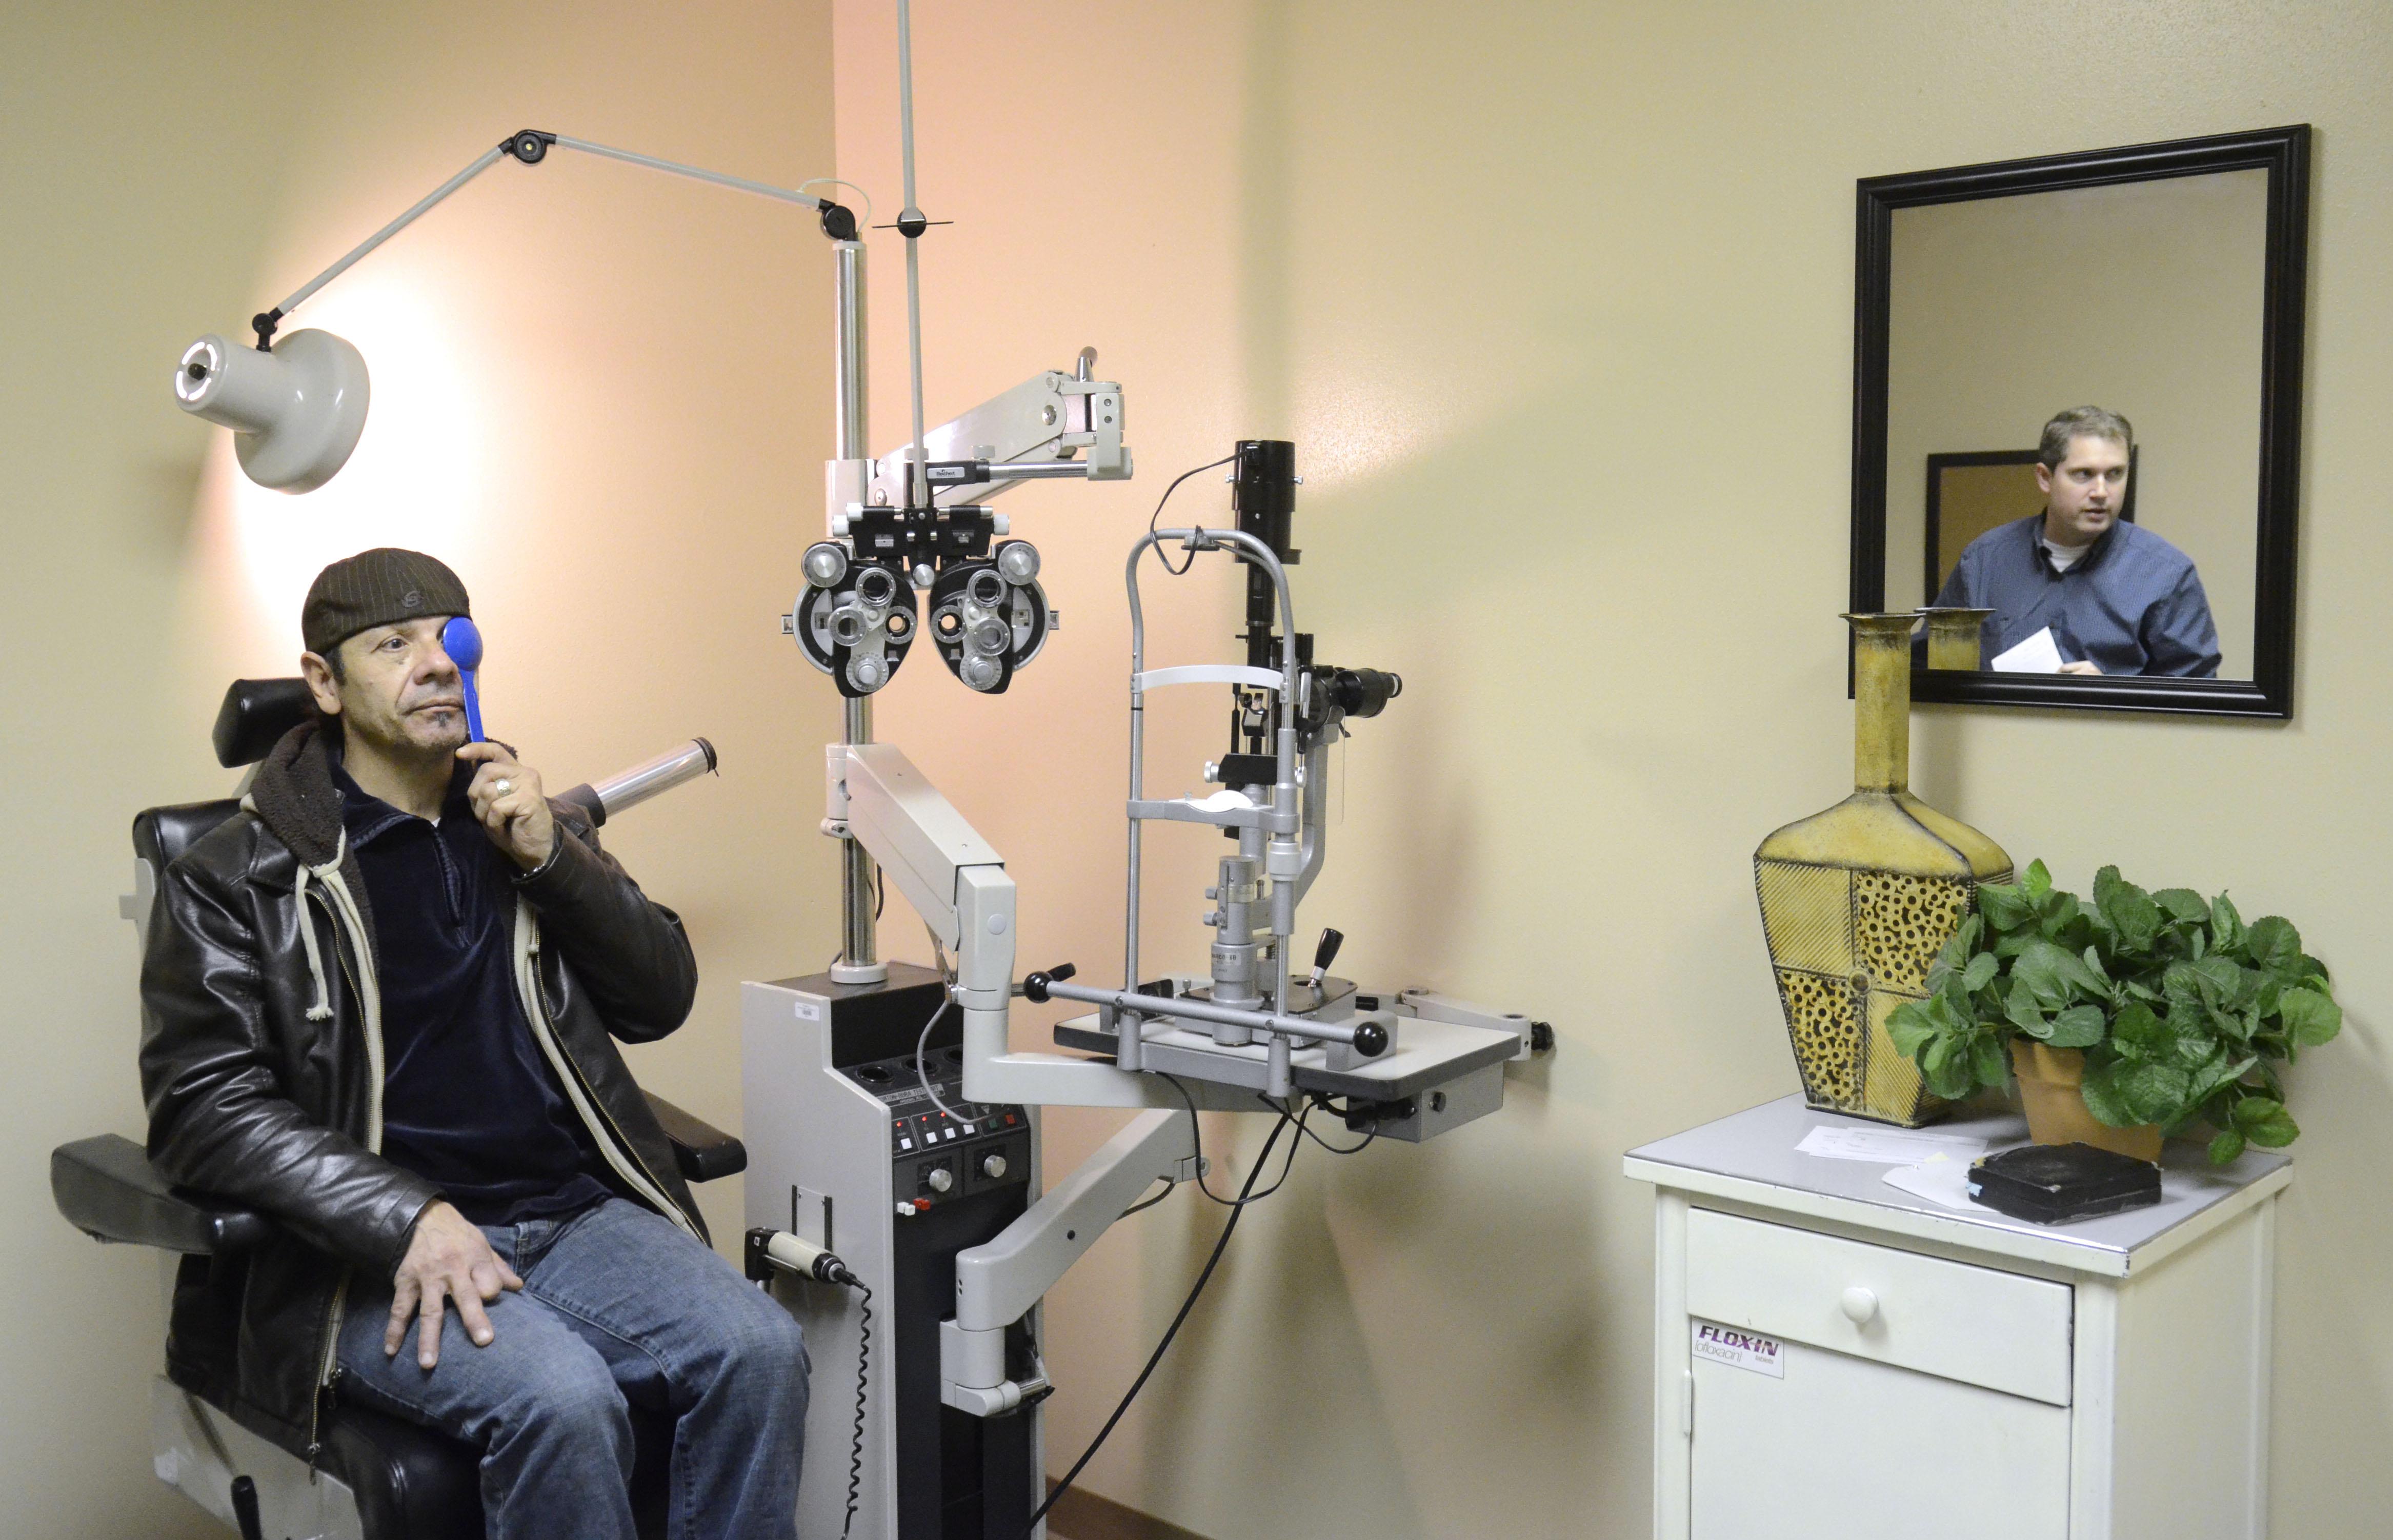 dd7e4d7b732a Chet Holmquist gets an eye exam from optometrist Mitch Maier